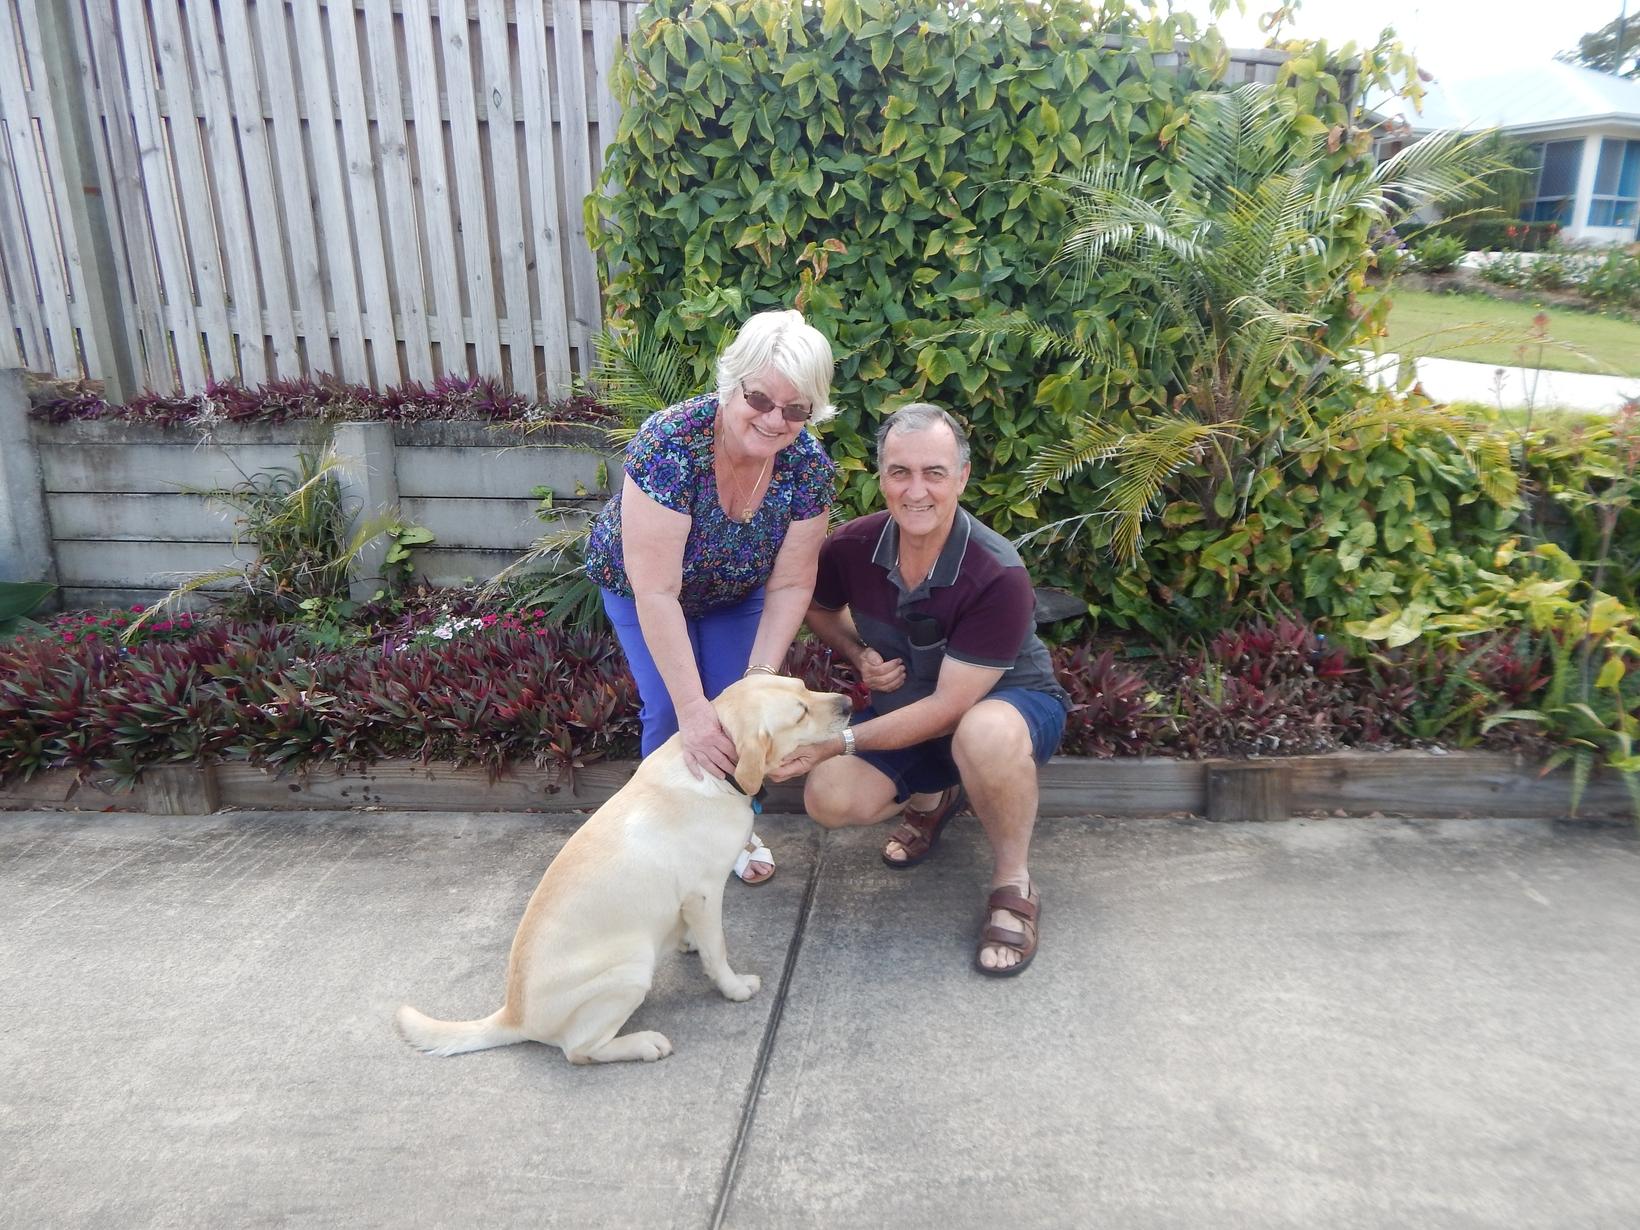 Graham & Marilyn from Bli Bli, Queensland, Australia